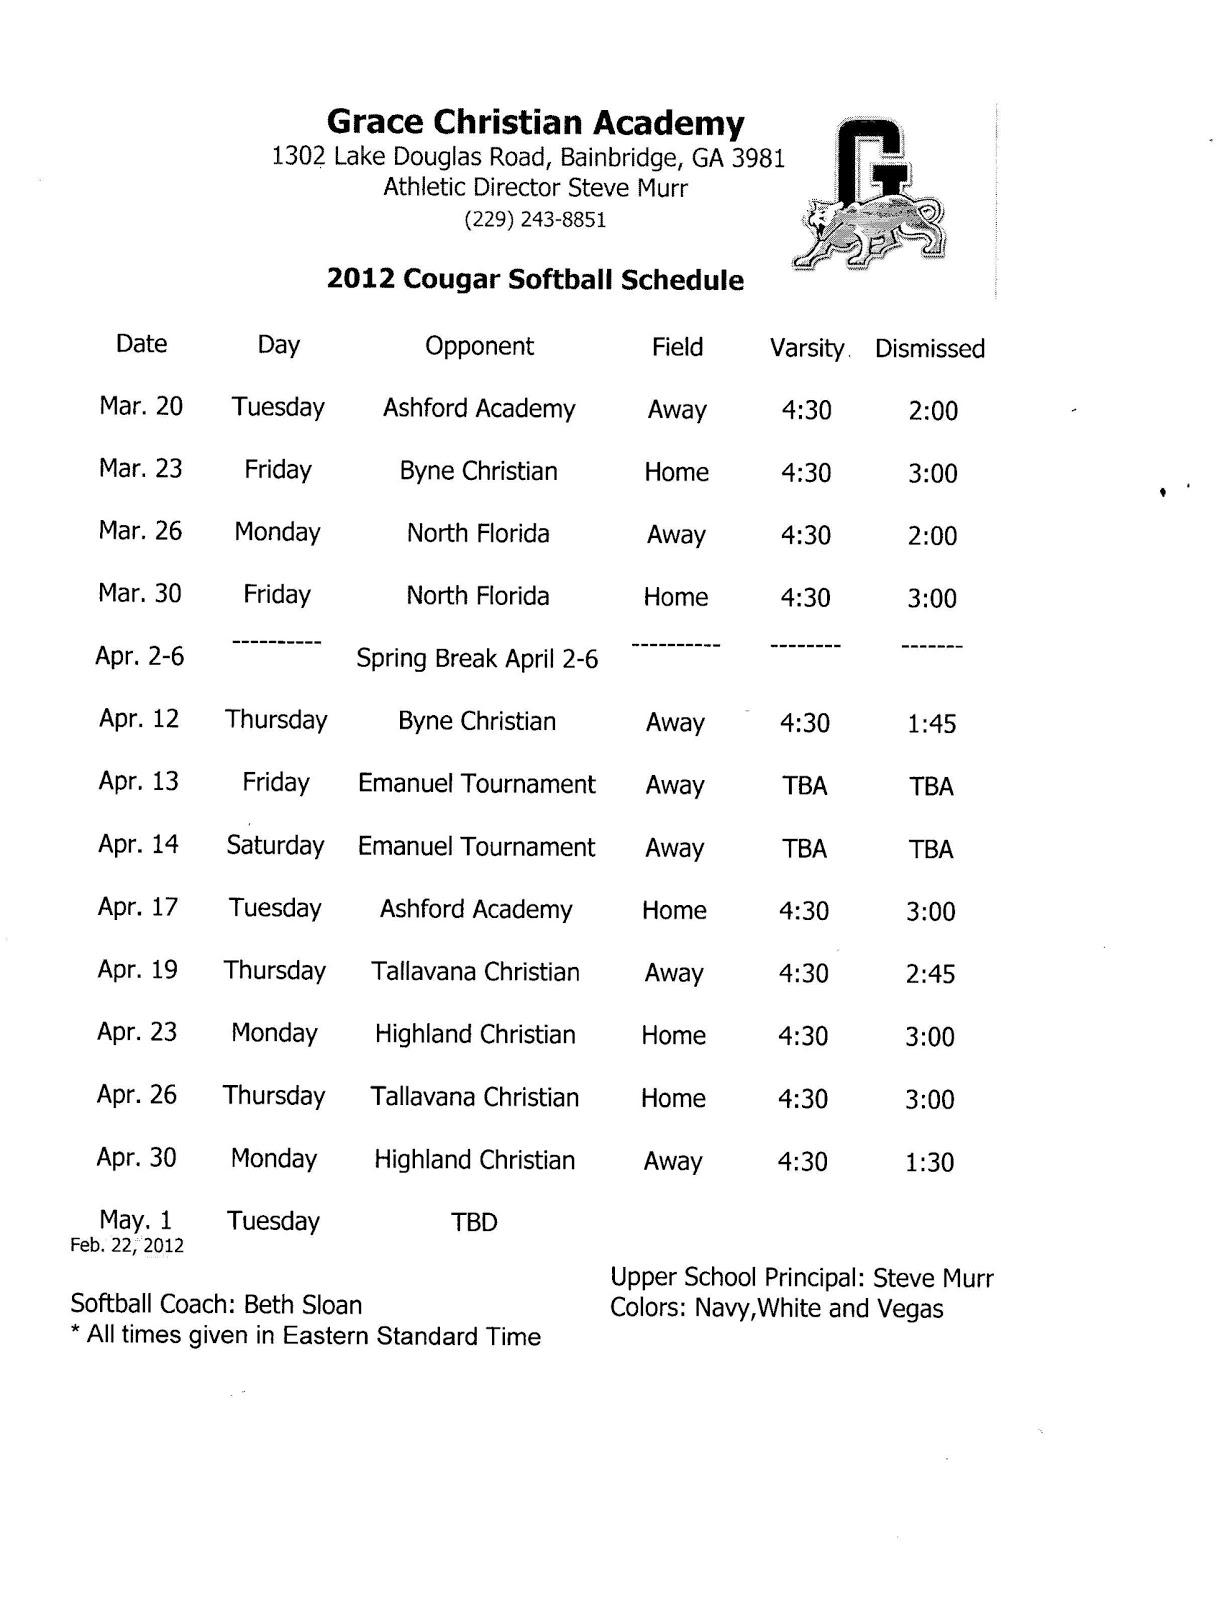 grace christian academy  2012 softball schedule